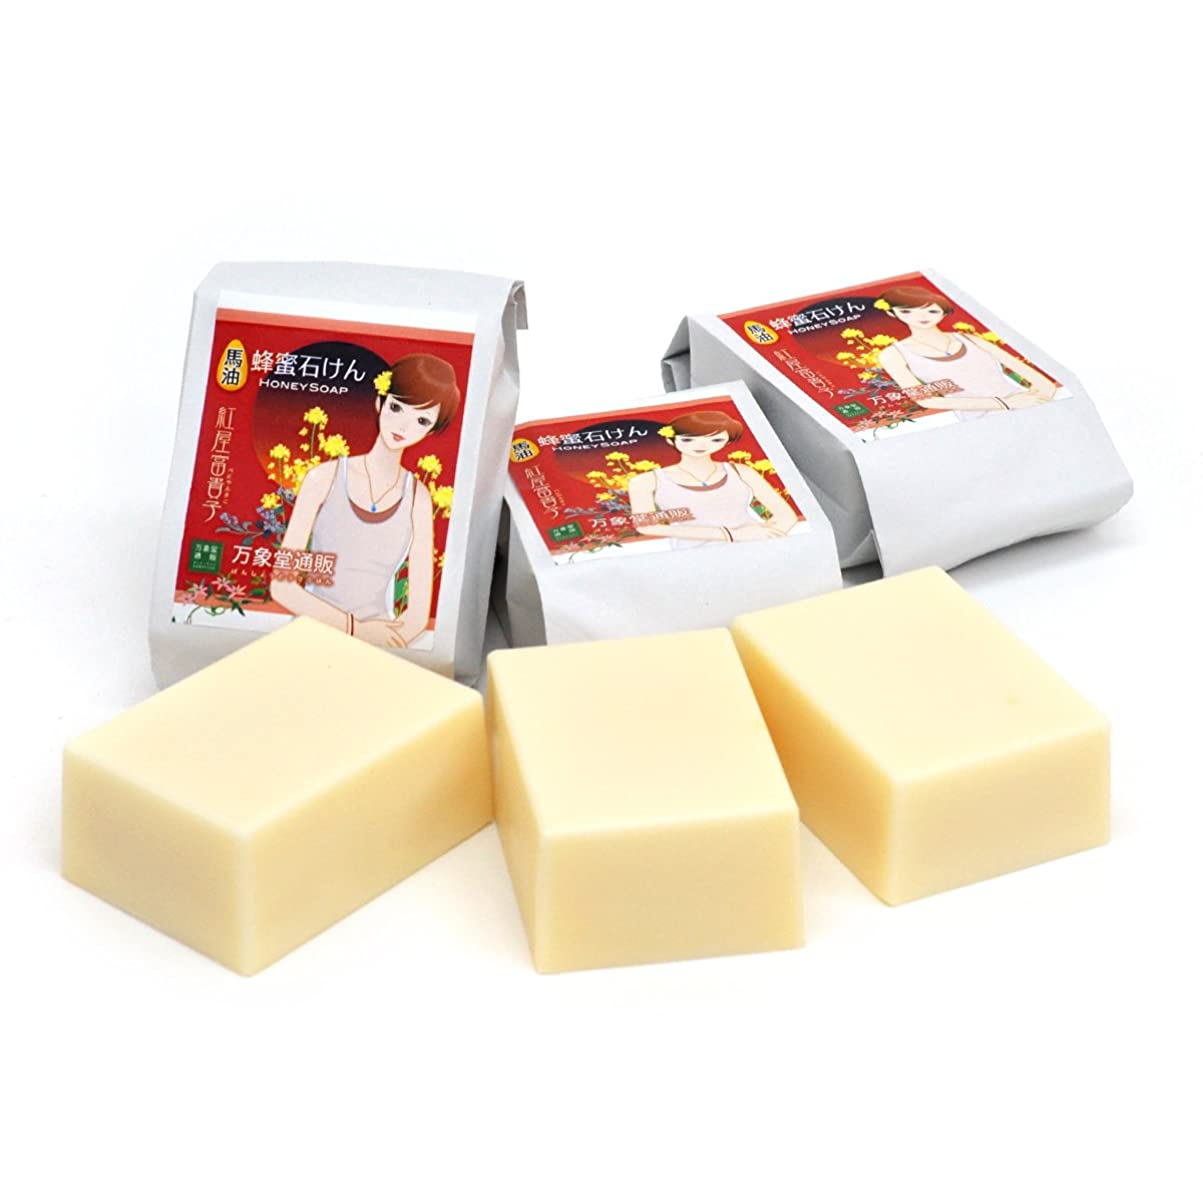 接地四回墓森羅万象堂 馬油石鹸 90g×3個 (国産)熊本県産 国産蜂蜜配合